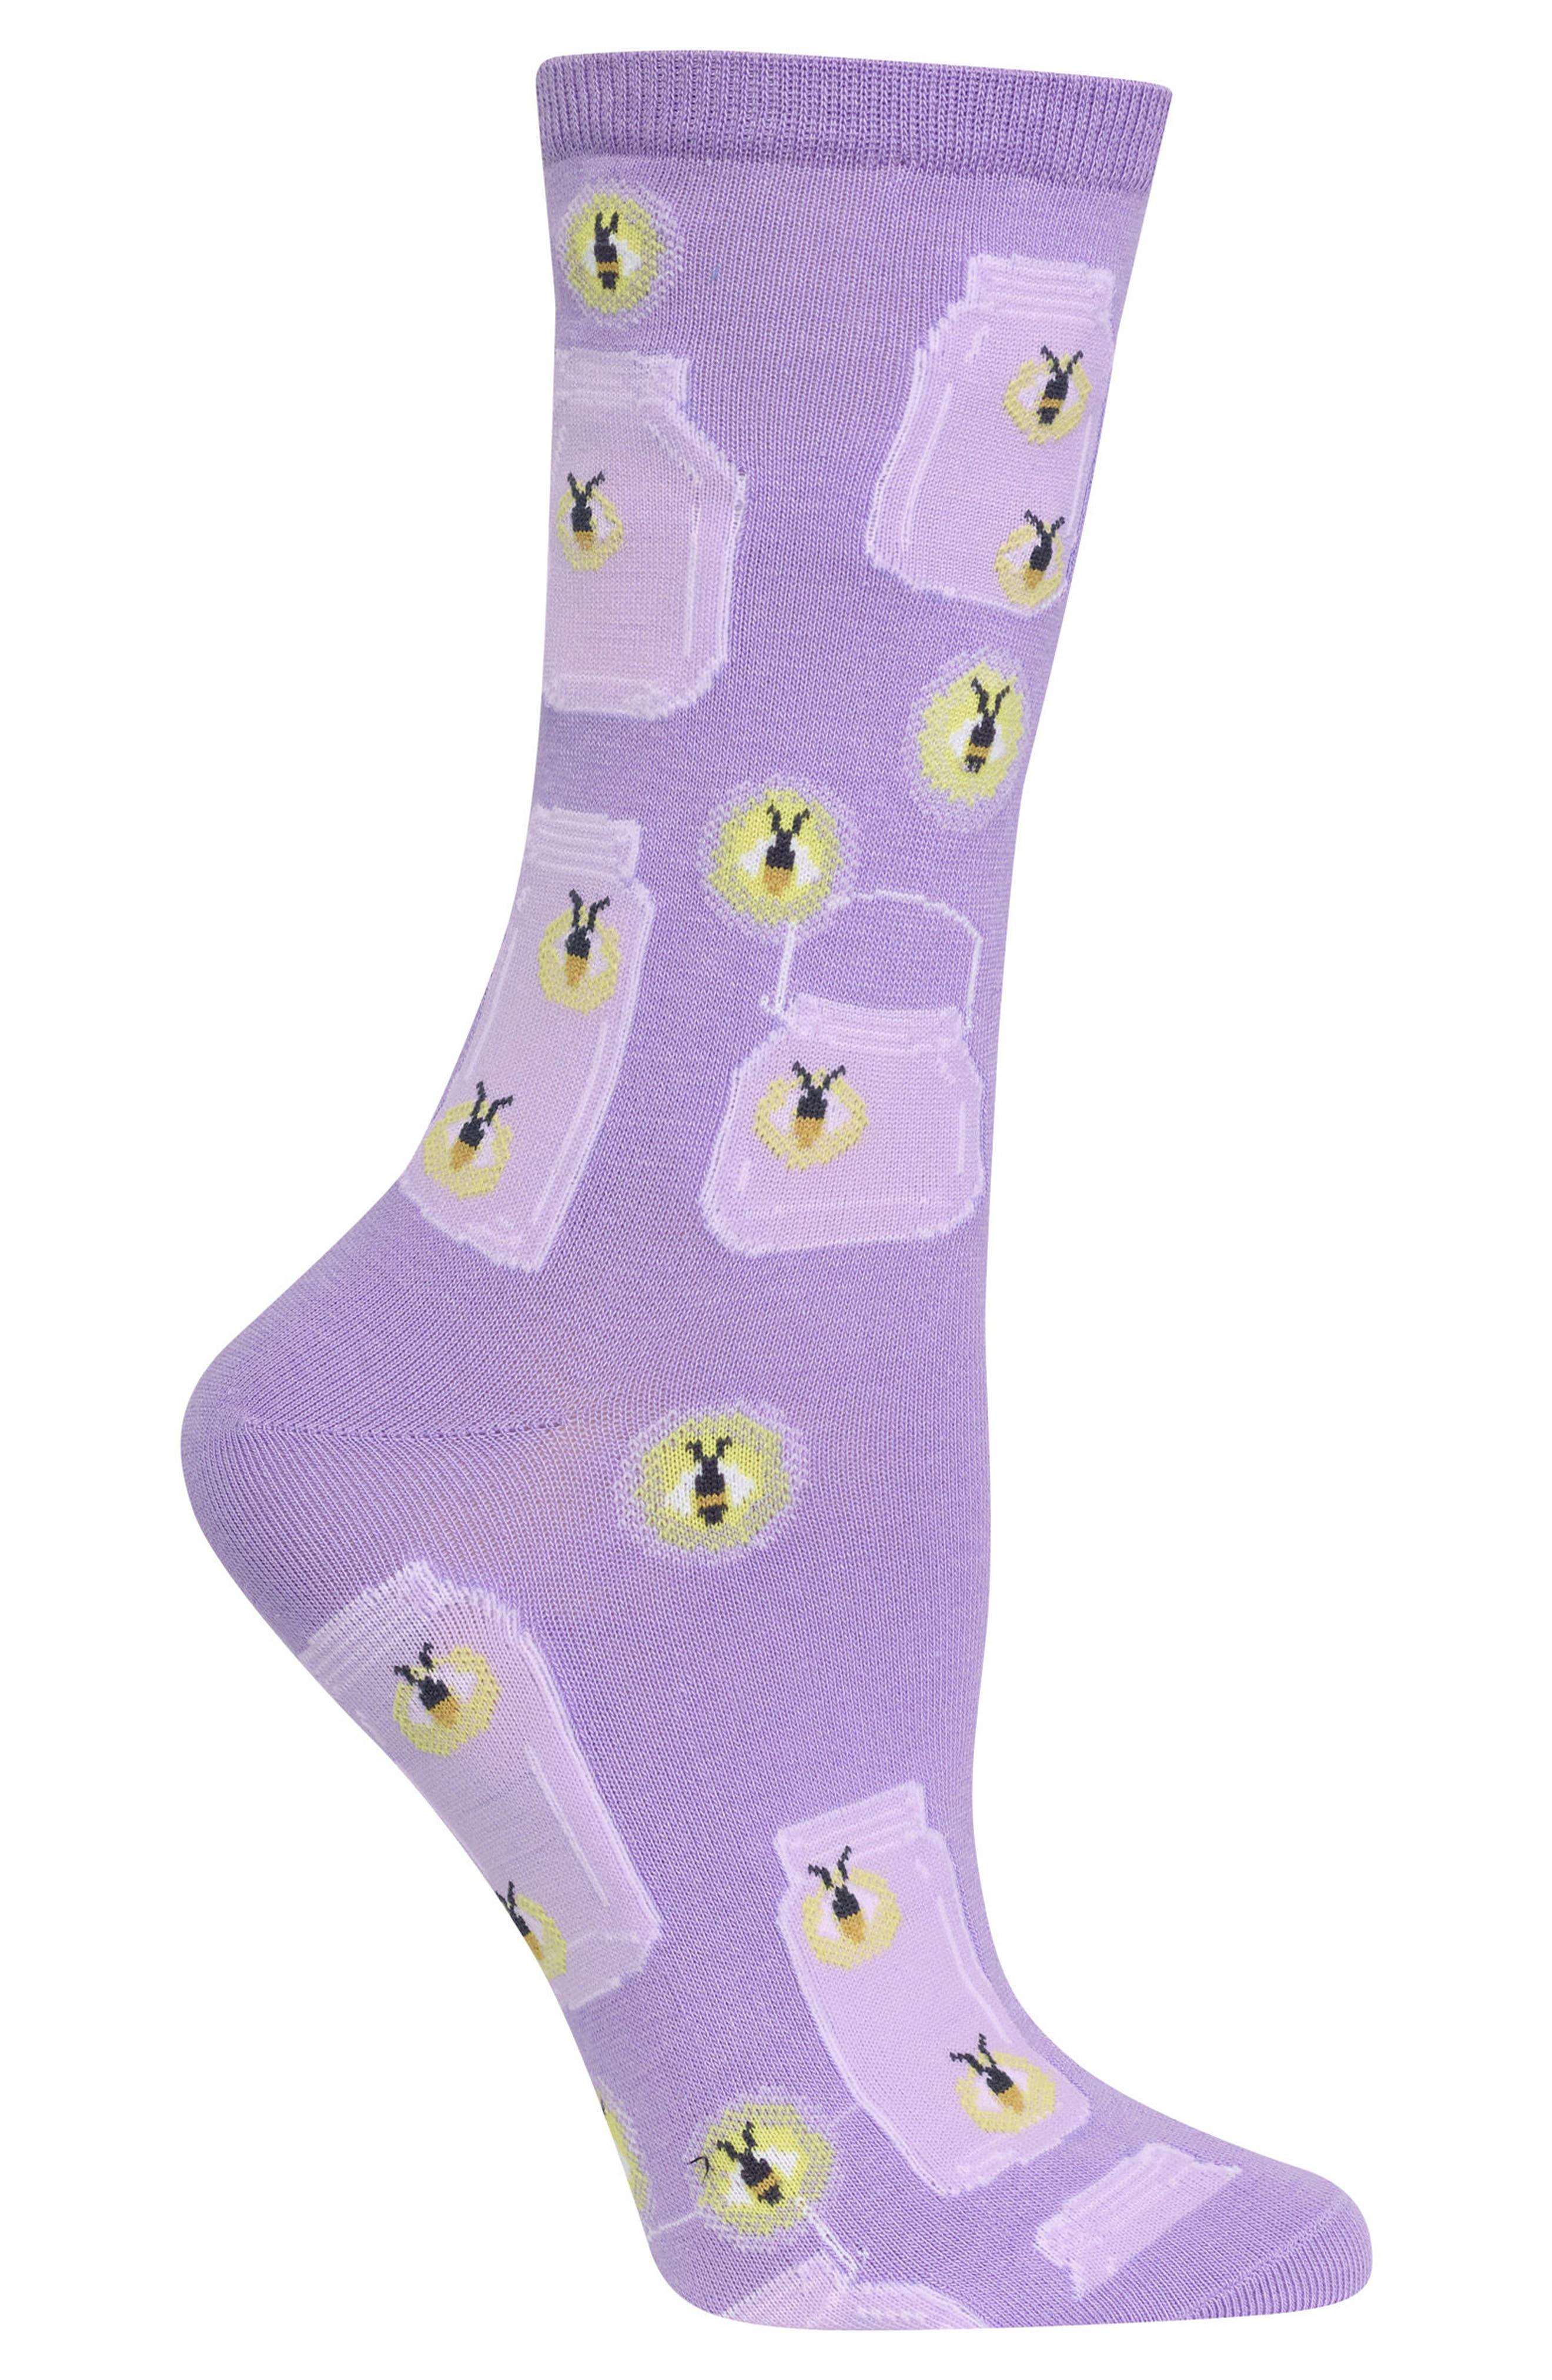 Fireflies Crew Socks,                             Alternate thumbnail 2, color,                             Lavender